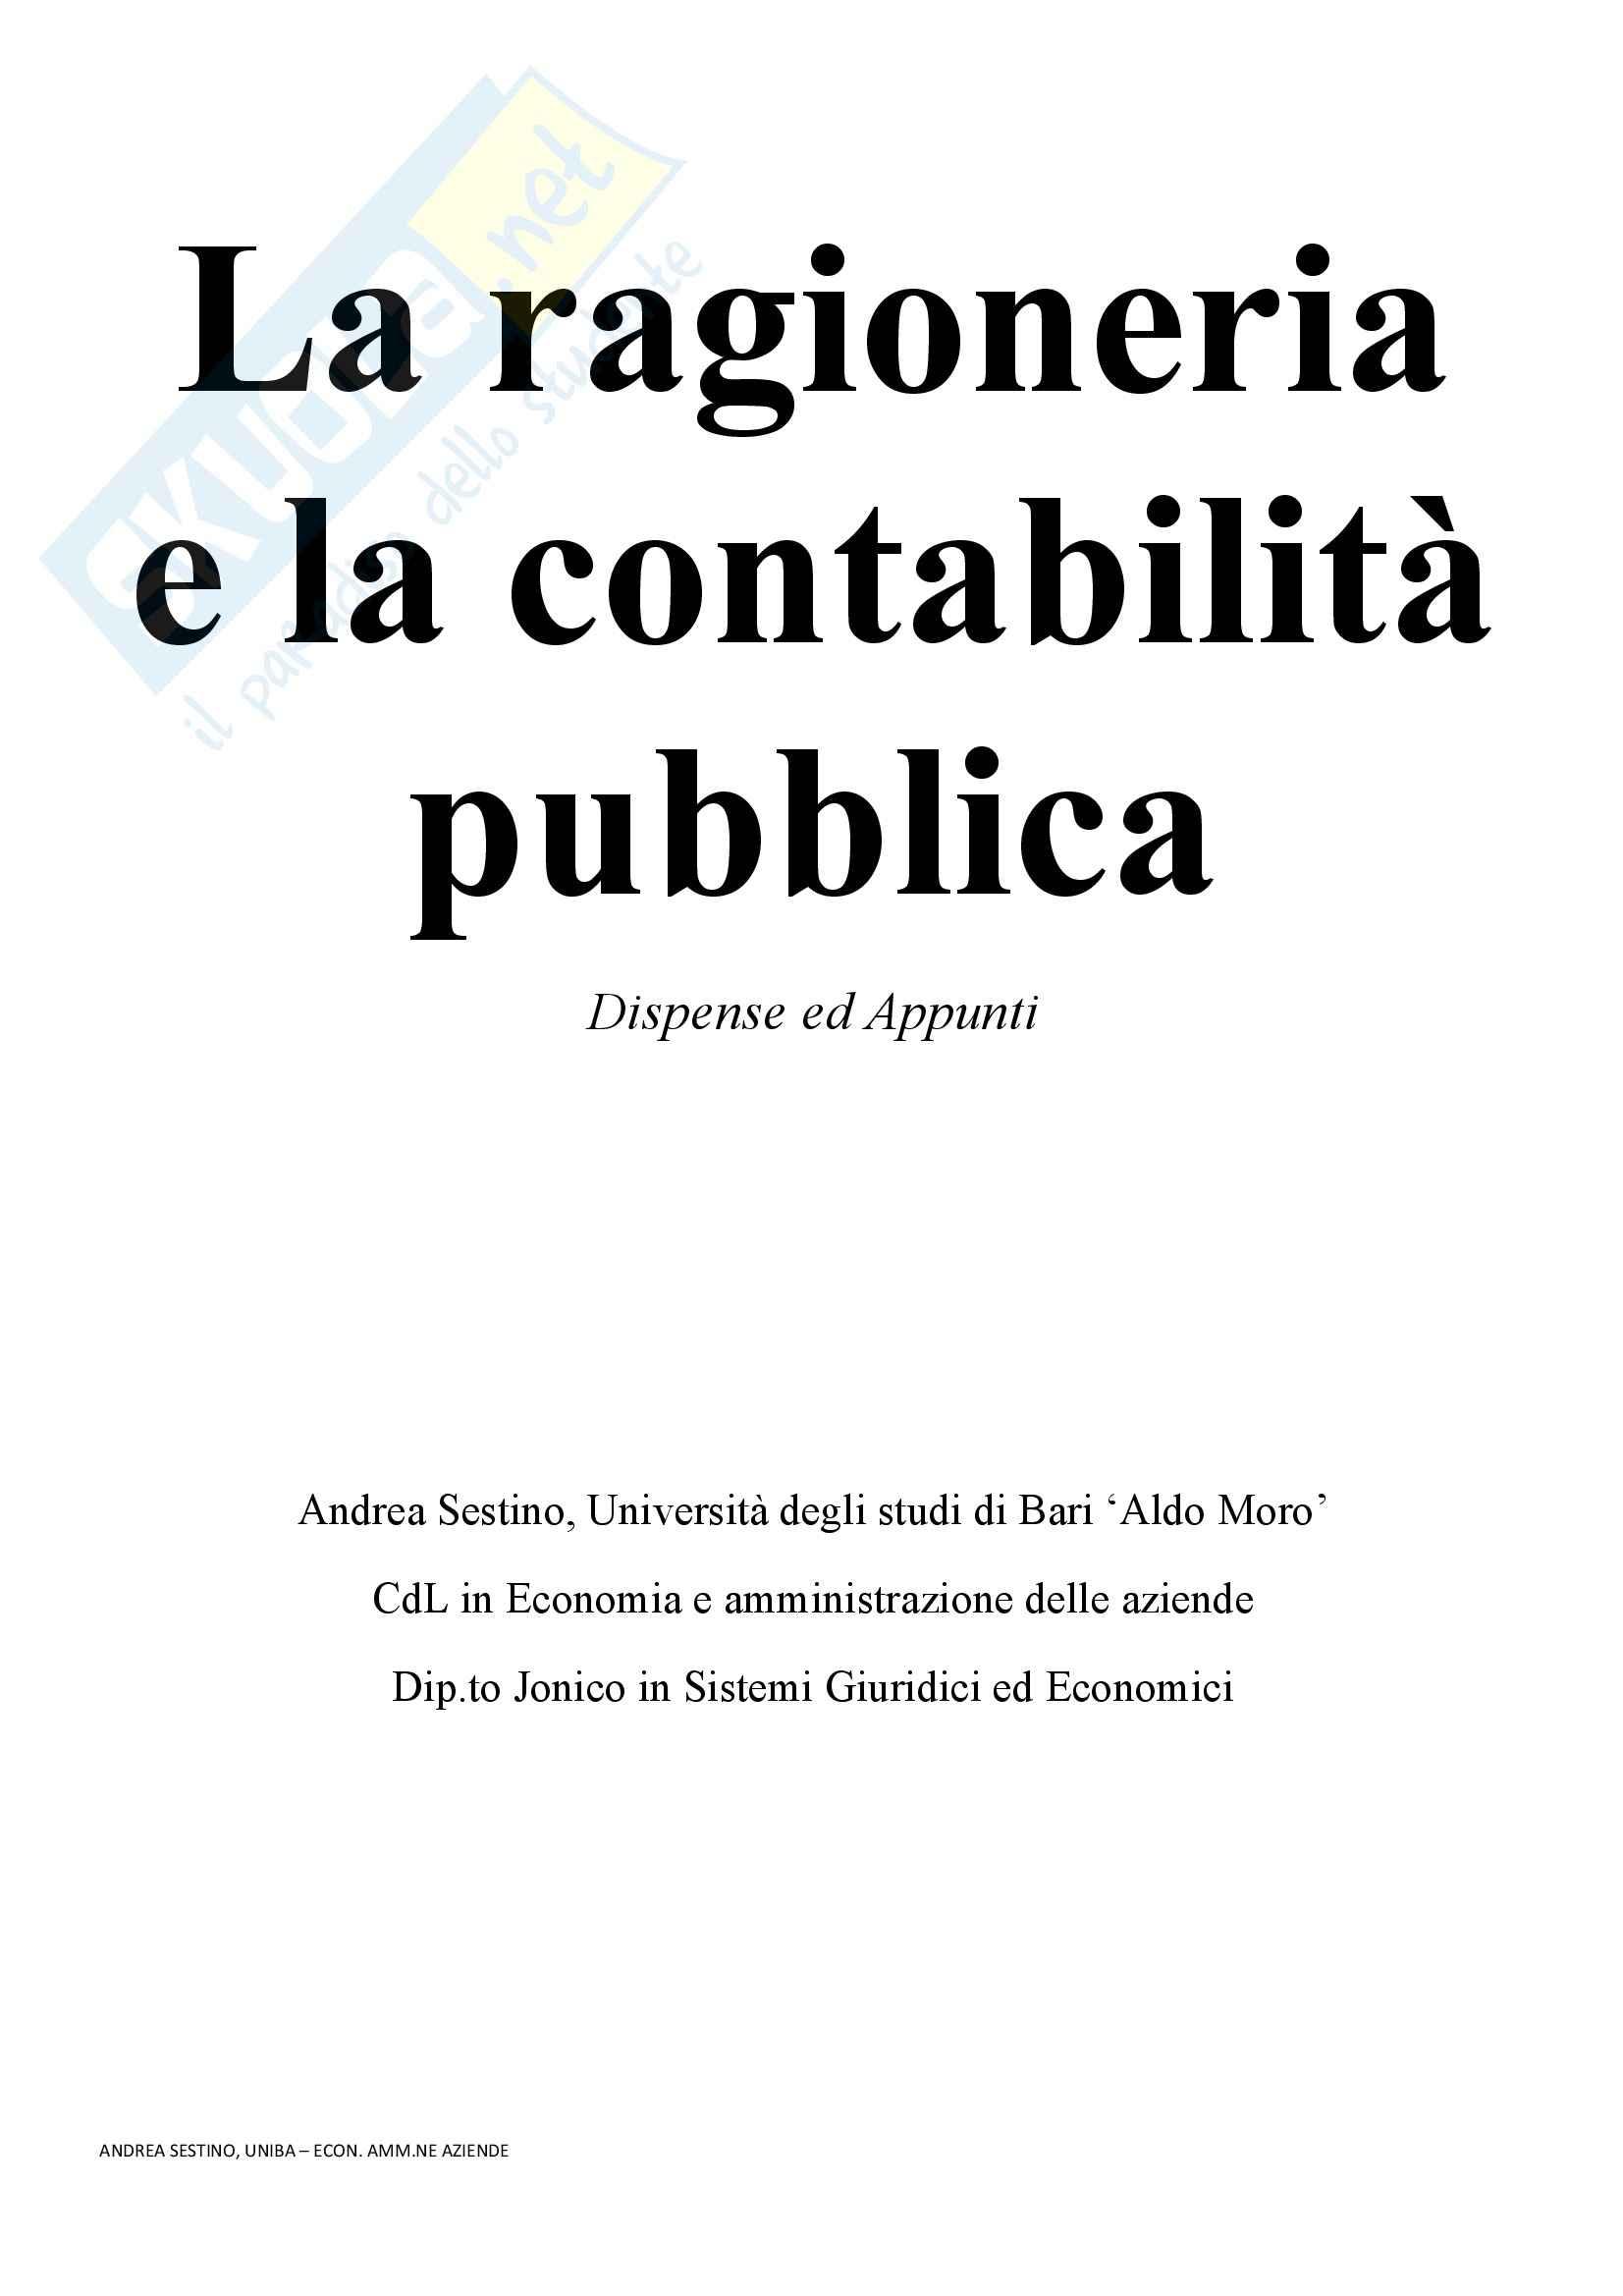 Ragioneria e contabilità pubblica, Economia amministrazioni